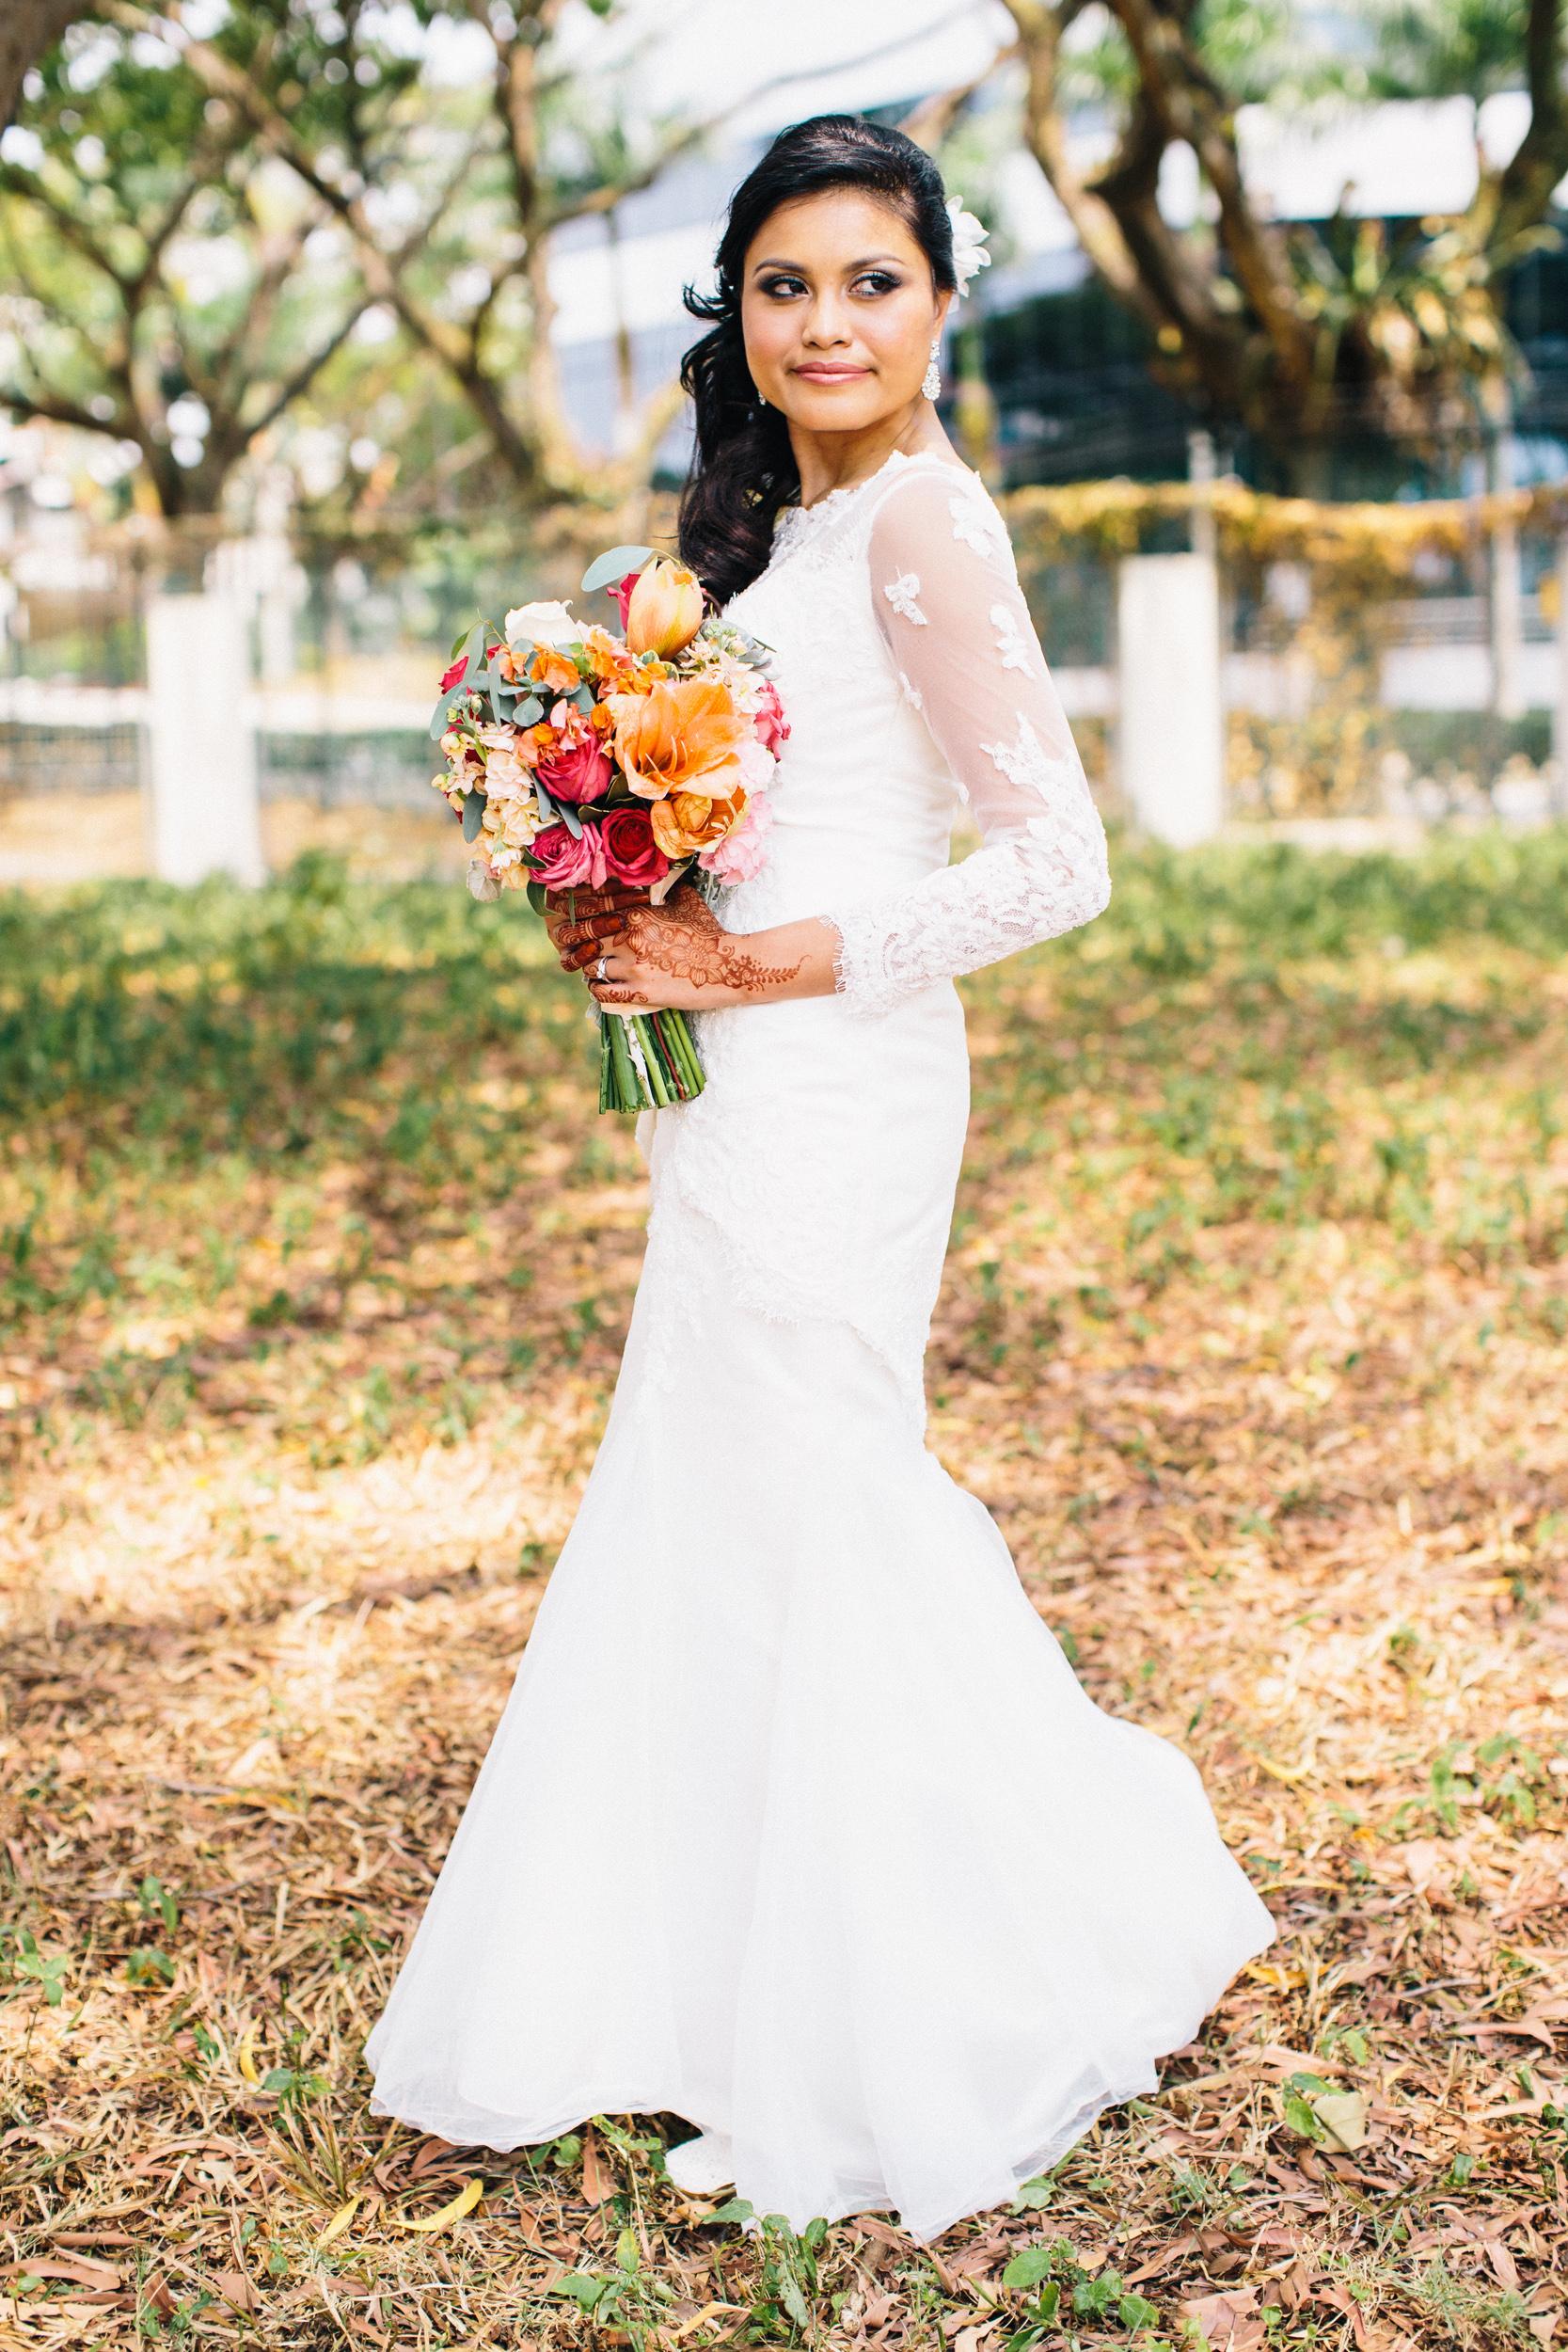 singapore-wedding-photographer-wemadethese-shikin-yanho-033.jpg